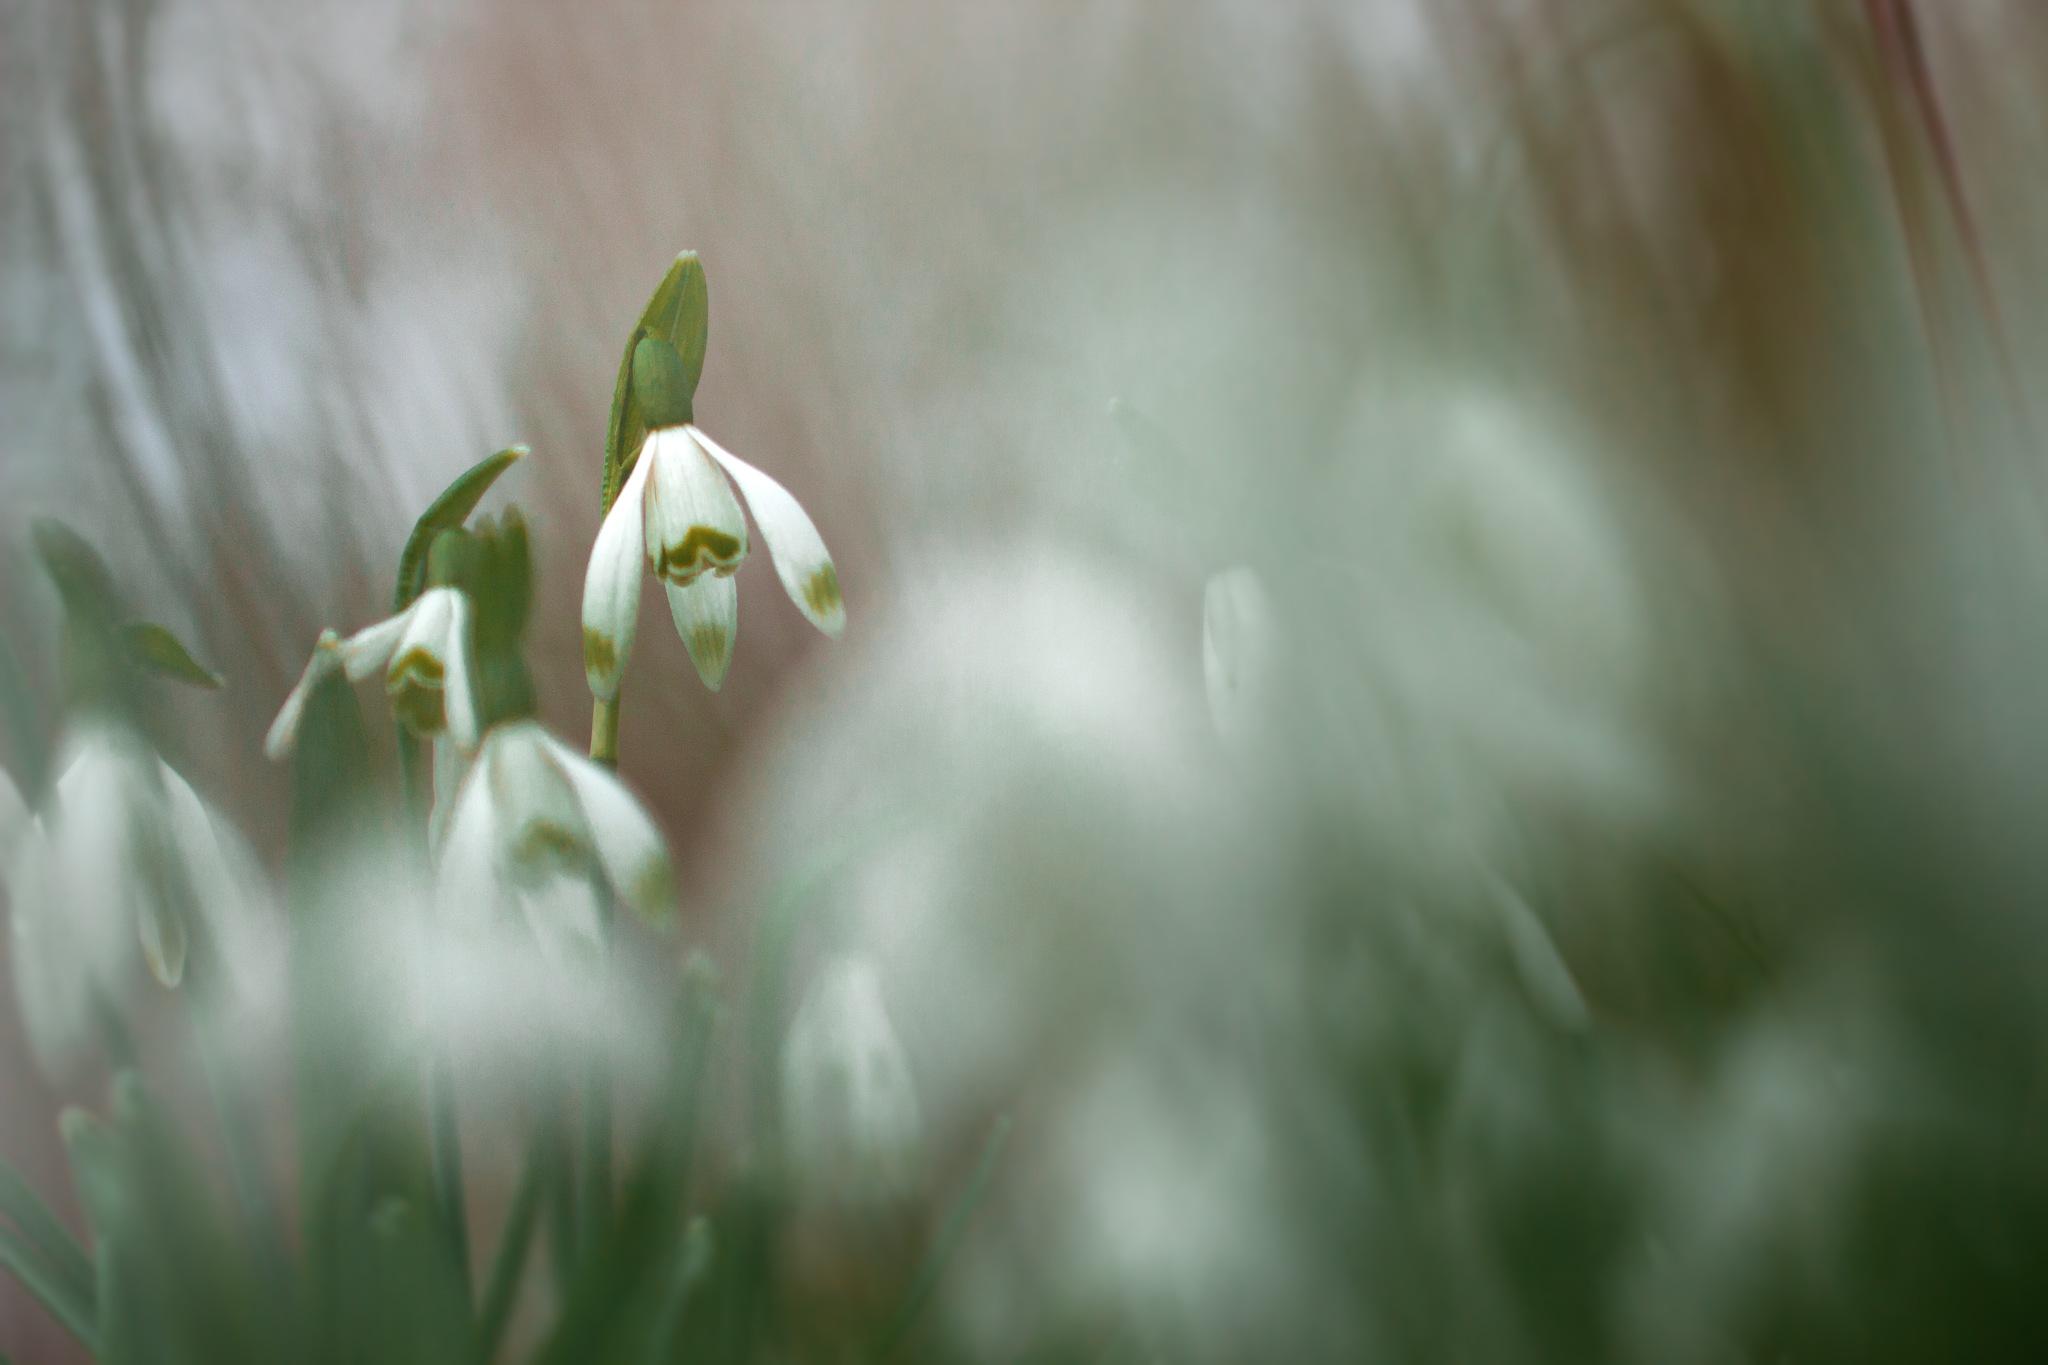 Perce-neige by Yves Droeven